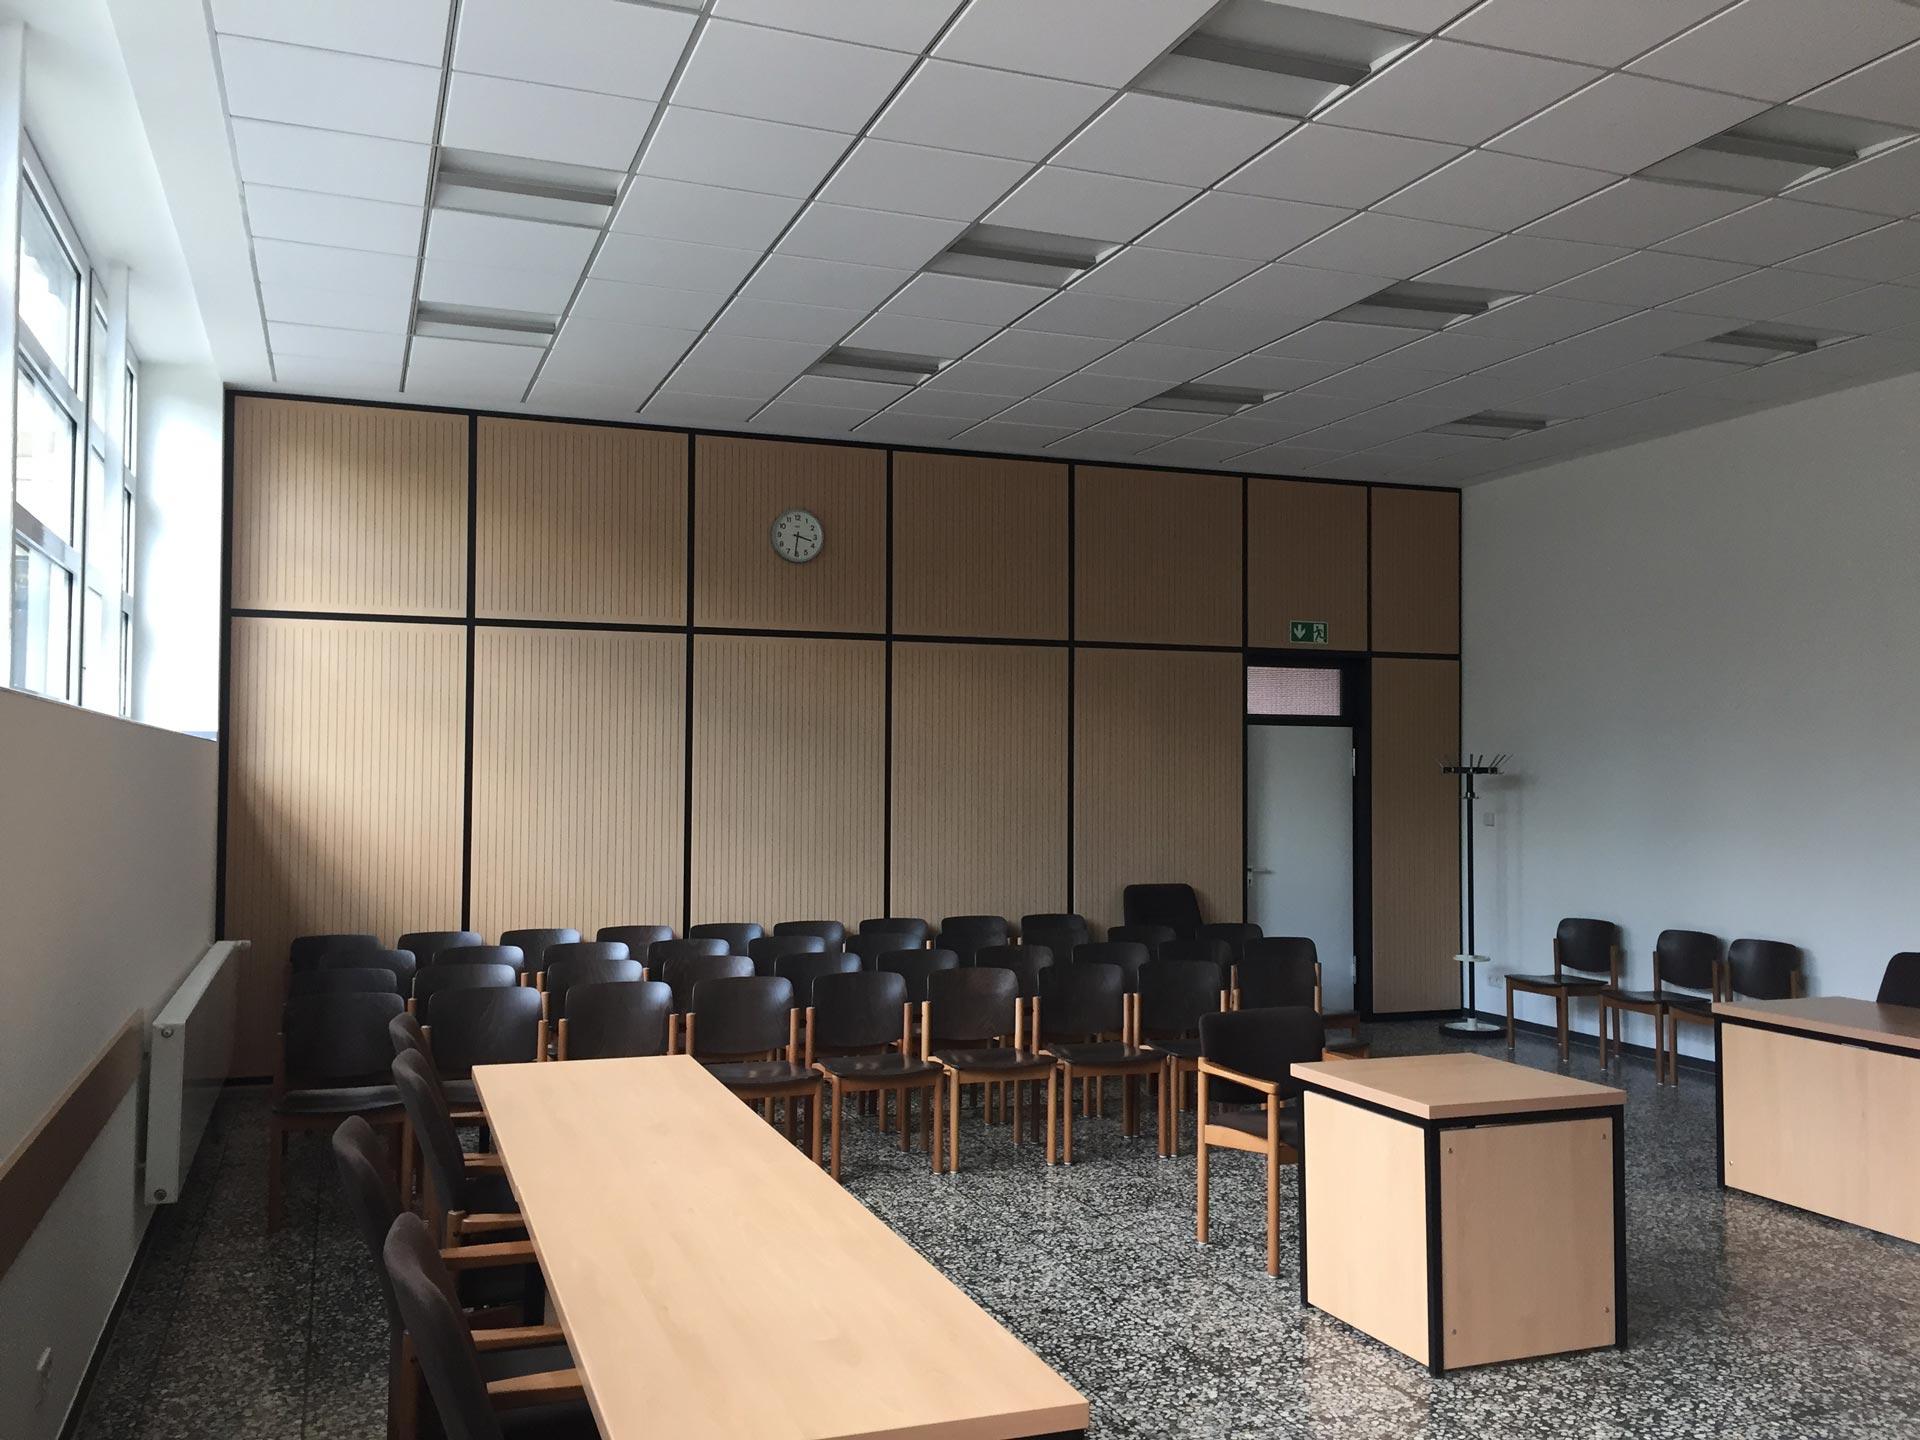 Tischlerei-Baeumer-Altenberge_Amtsgericht-Warendorf_02